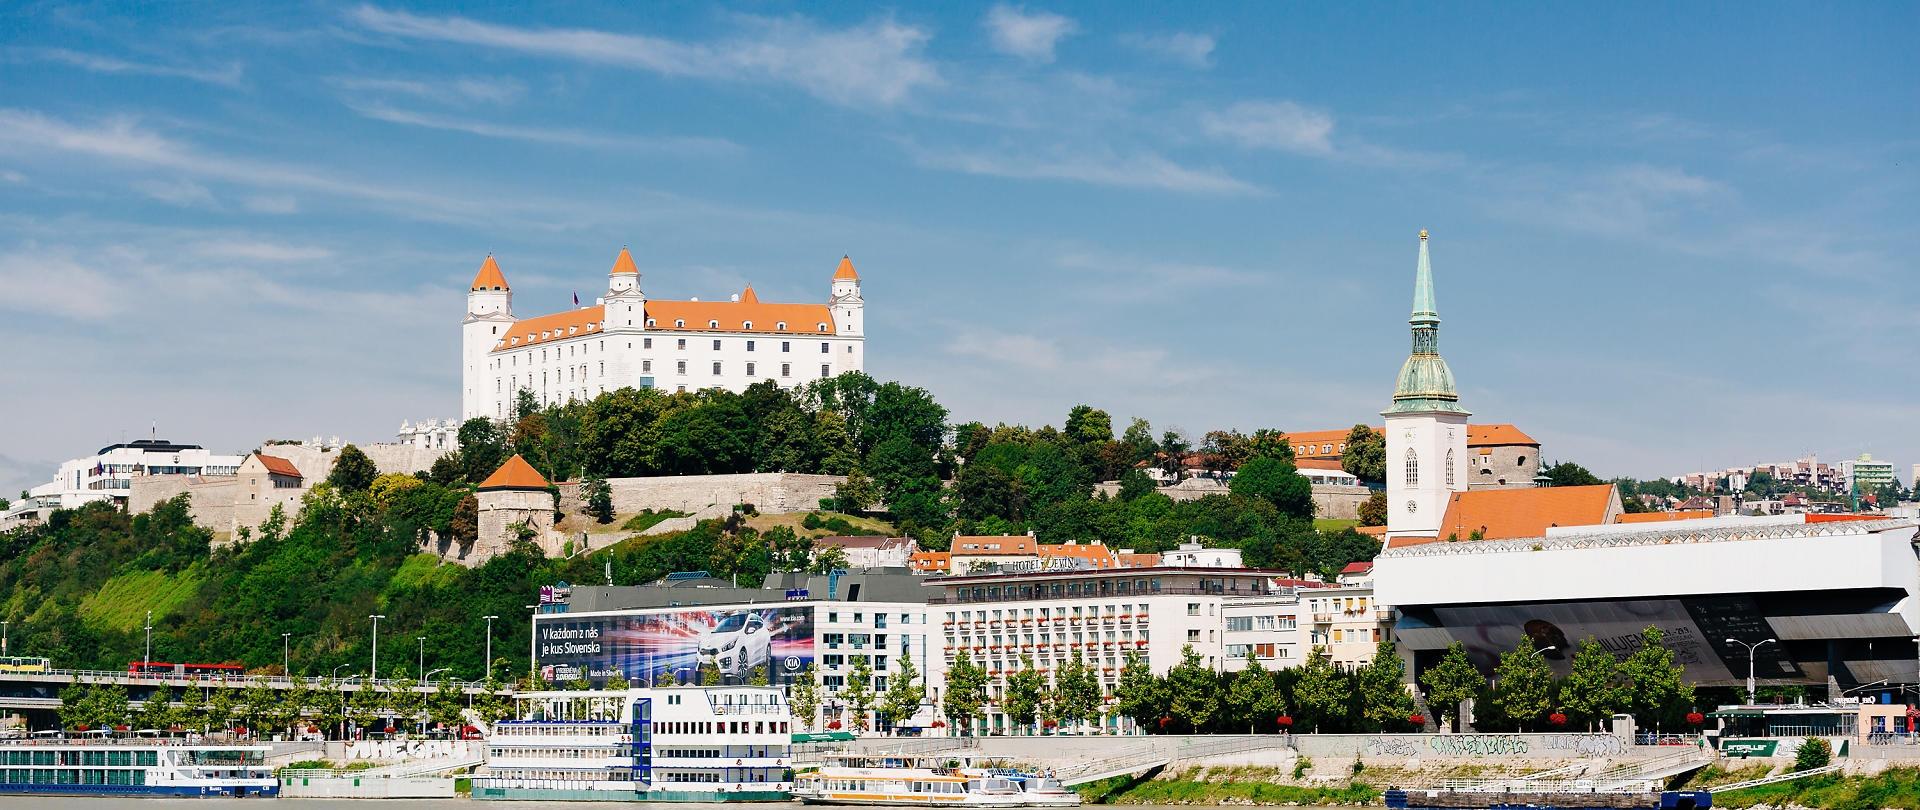 https://0501.nccdn.net/4_2/000/000/082/8ea/Bratislava_Tagesausflug_inkl._Schifffahrt__c__Vienna_Sightseeing_Tours_-_Bernhard_Luck-1920x810.jpg